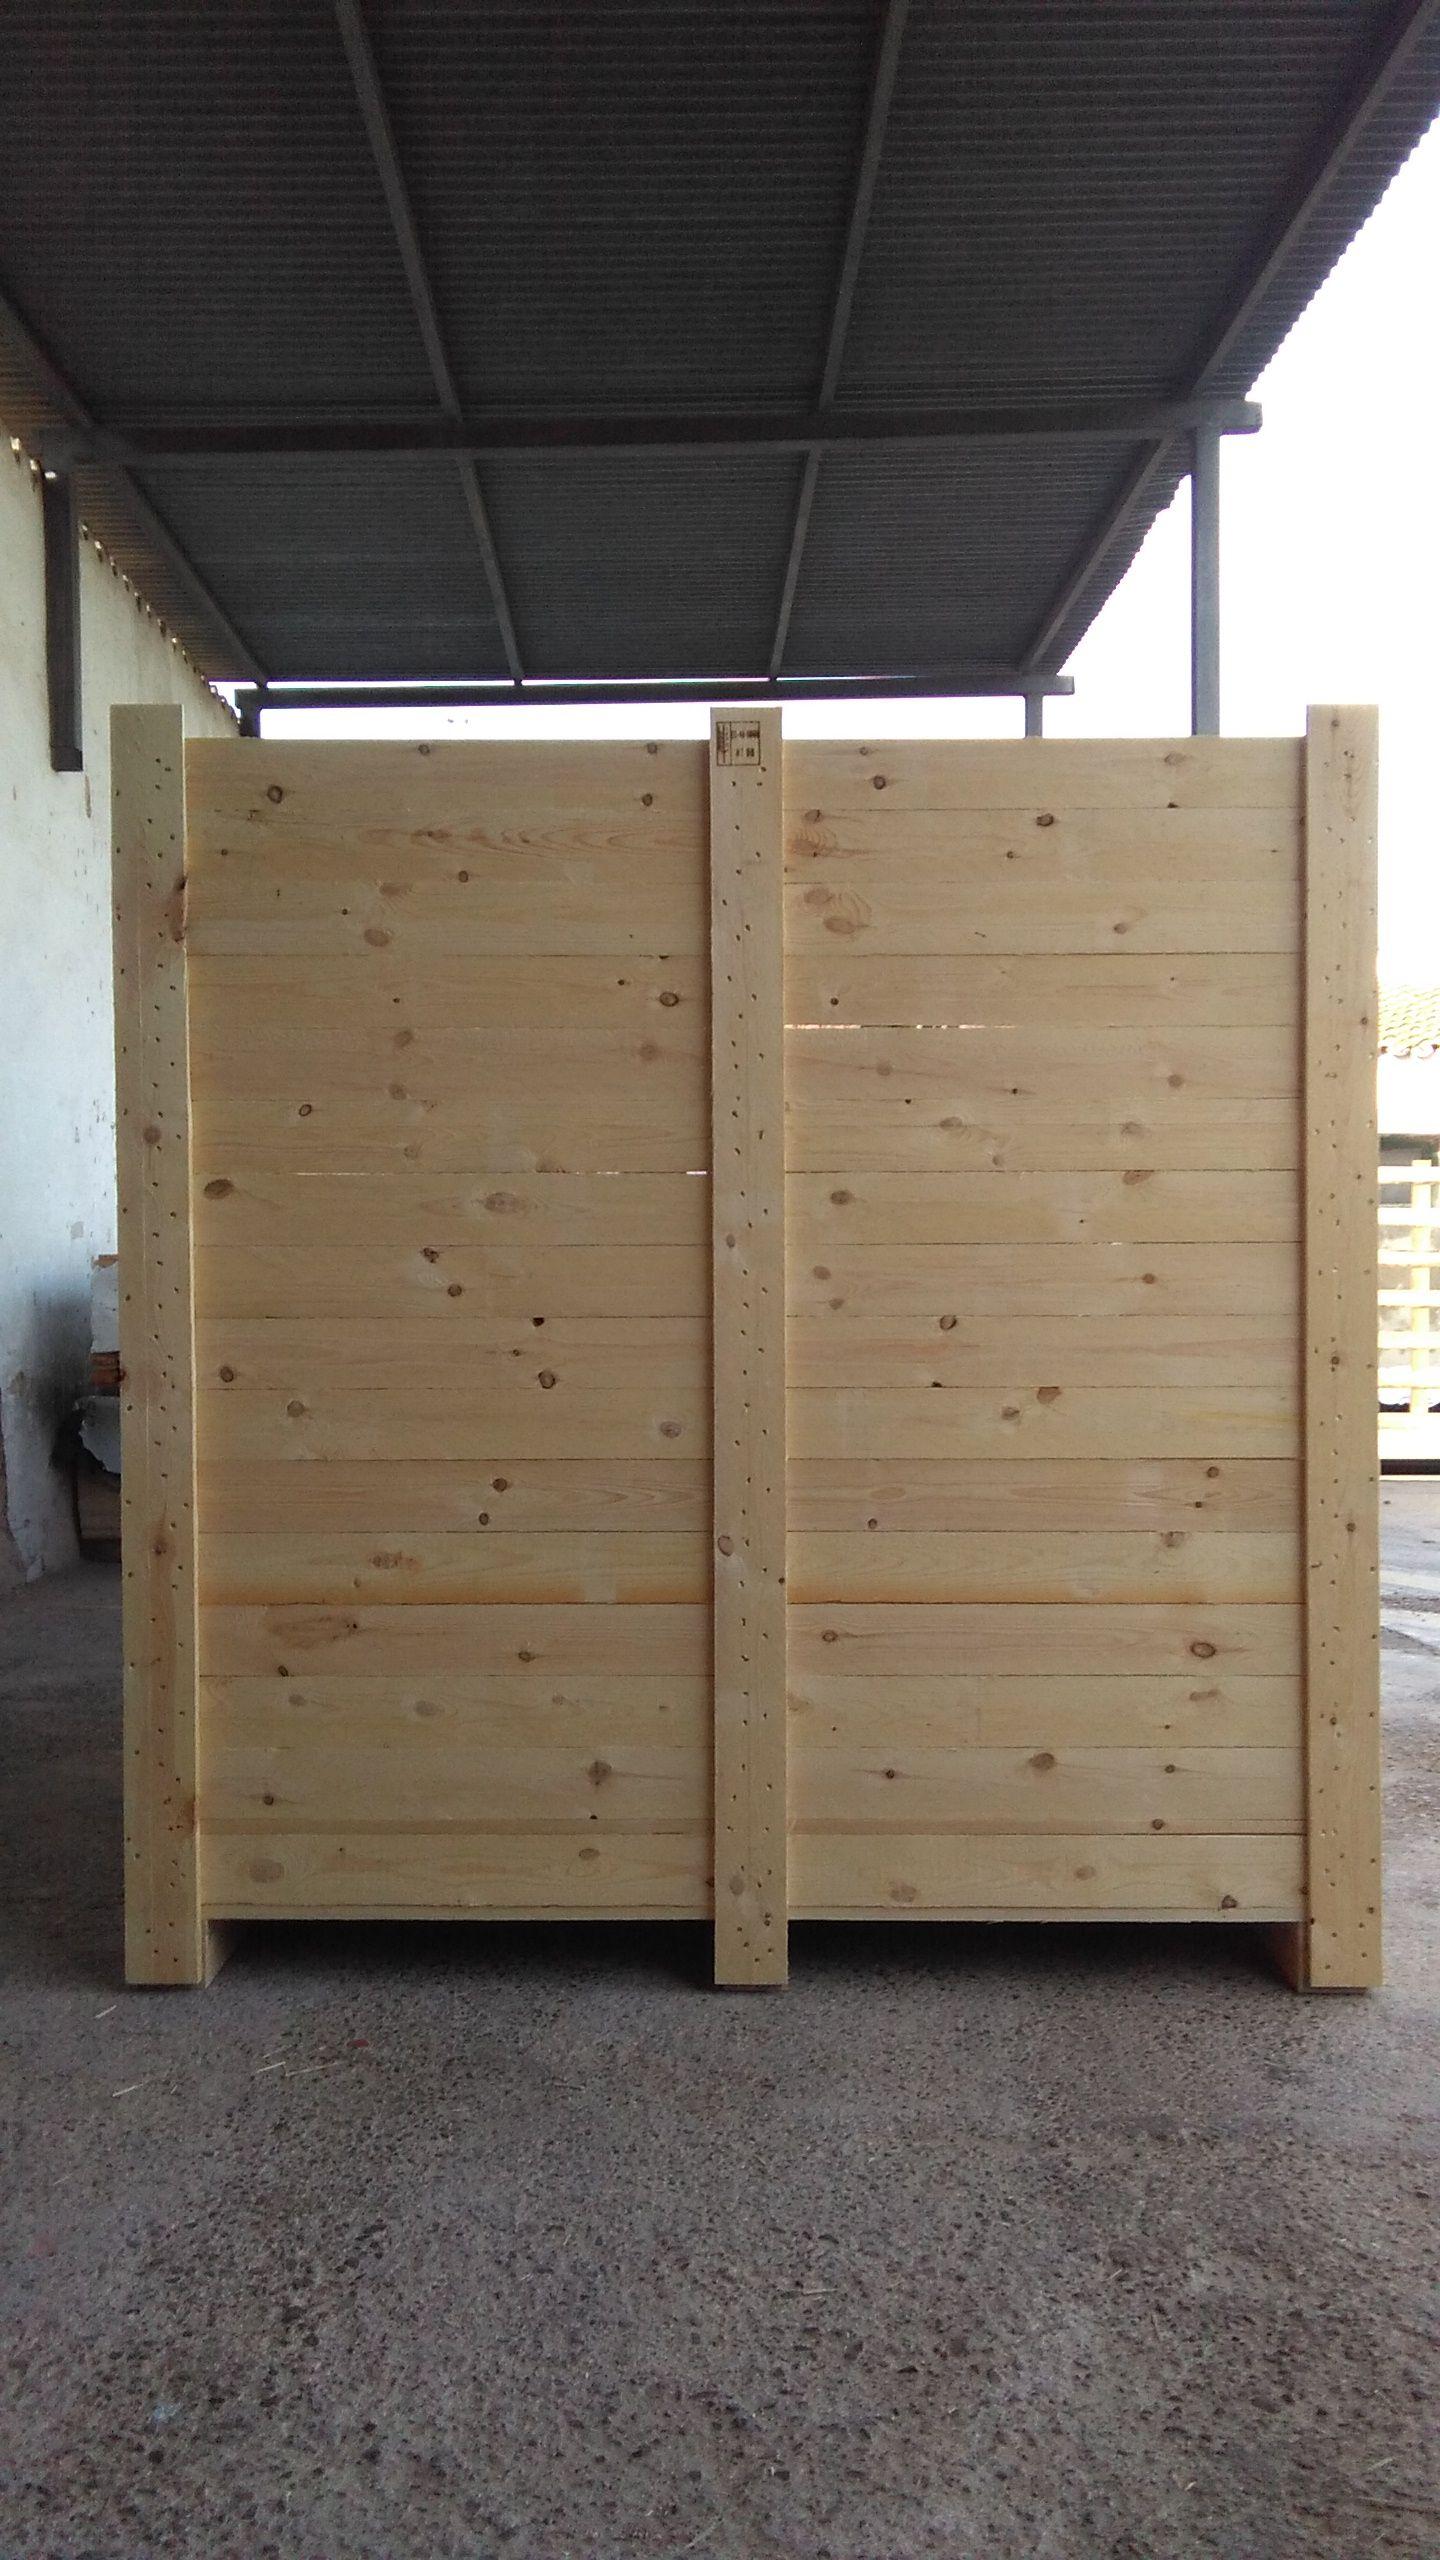 Foto 14 de Cajas de madera en San Antonio de Benagéber | Envases y Embalajes Anem